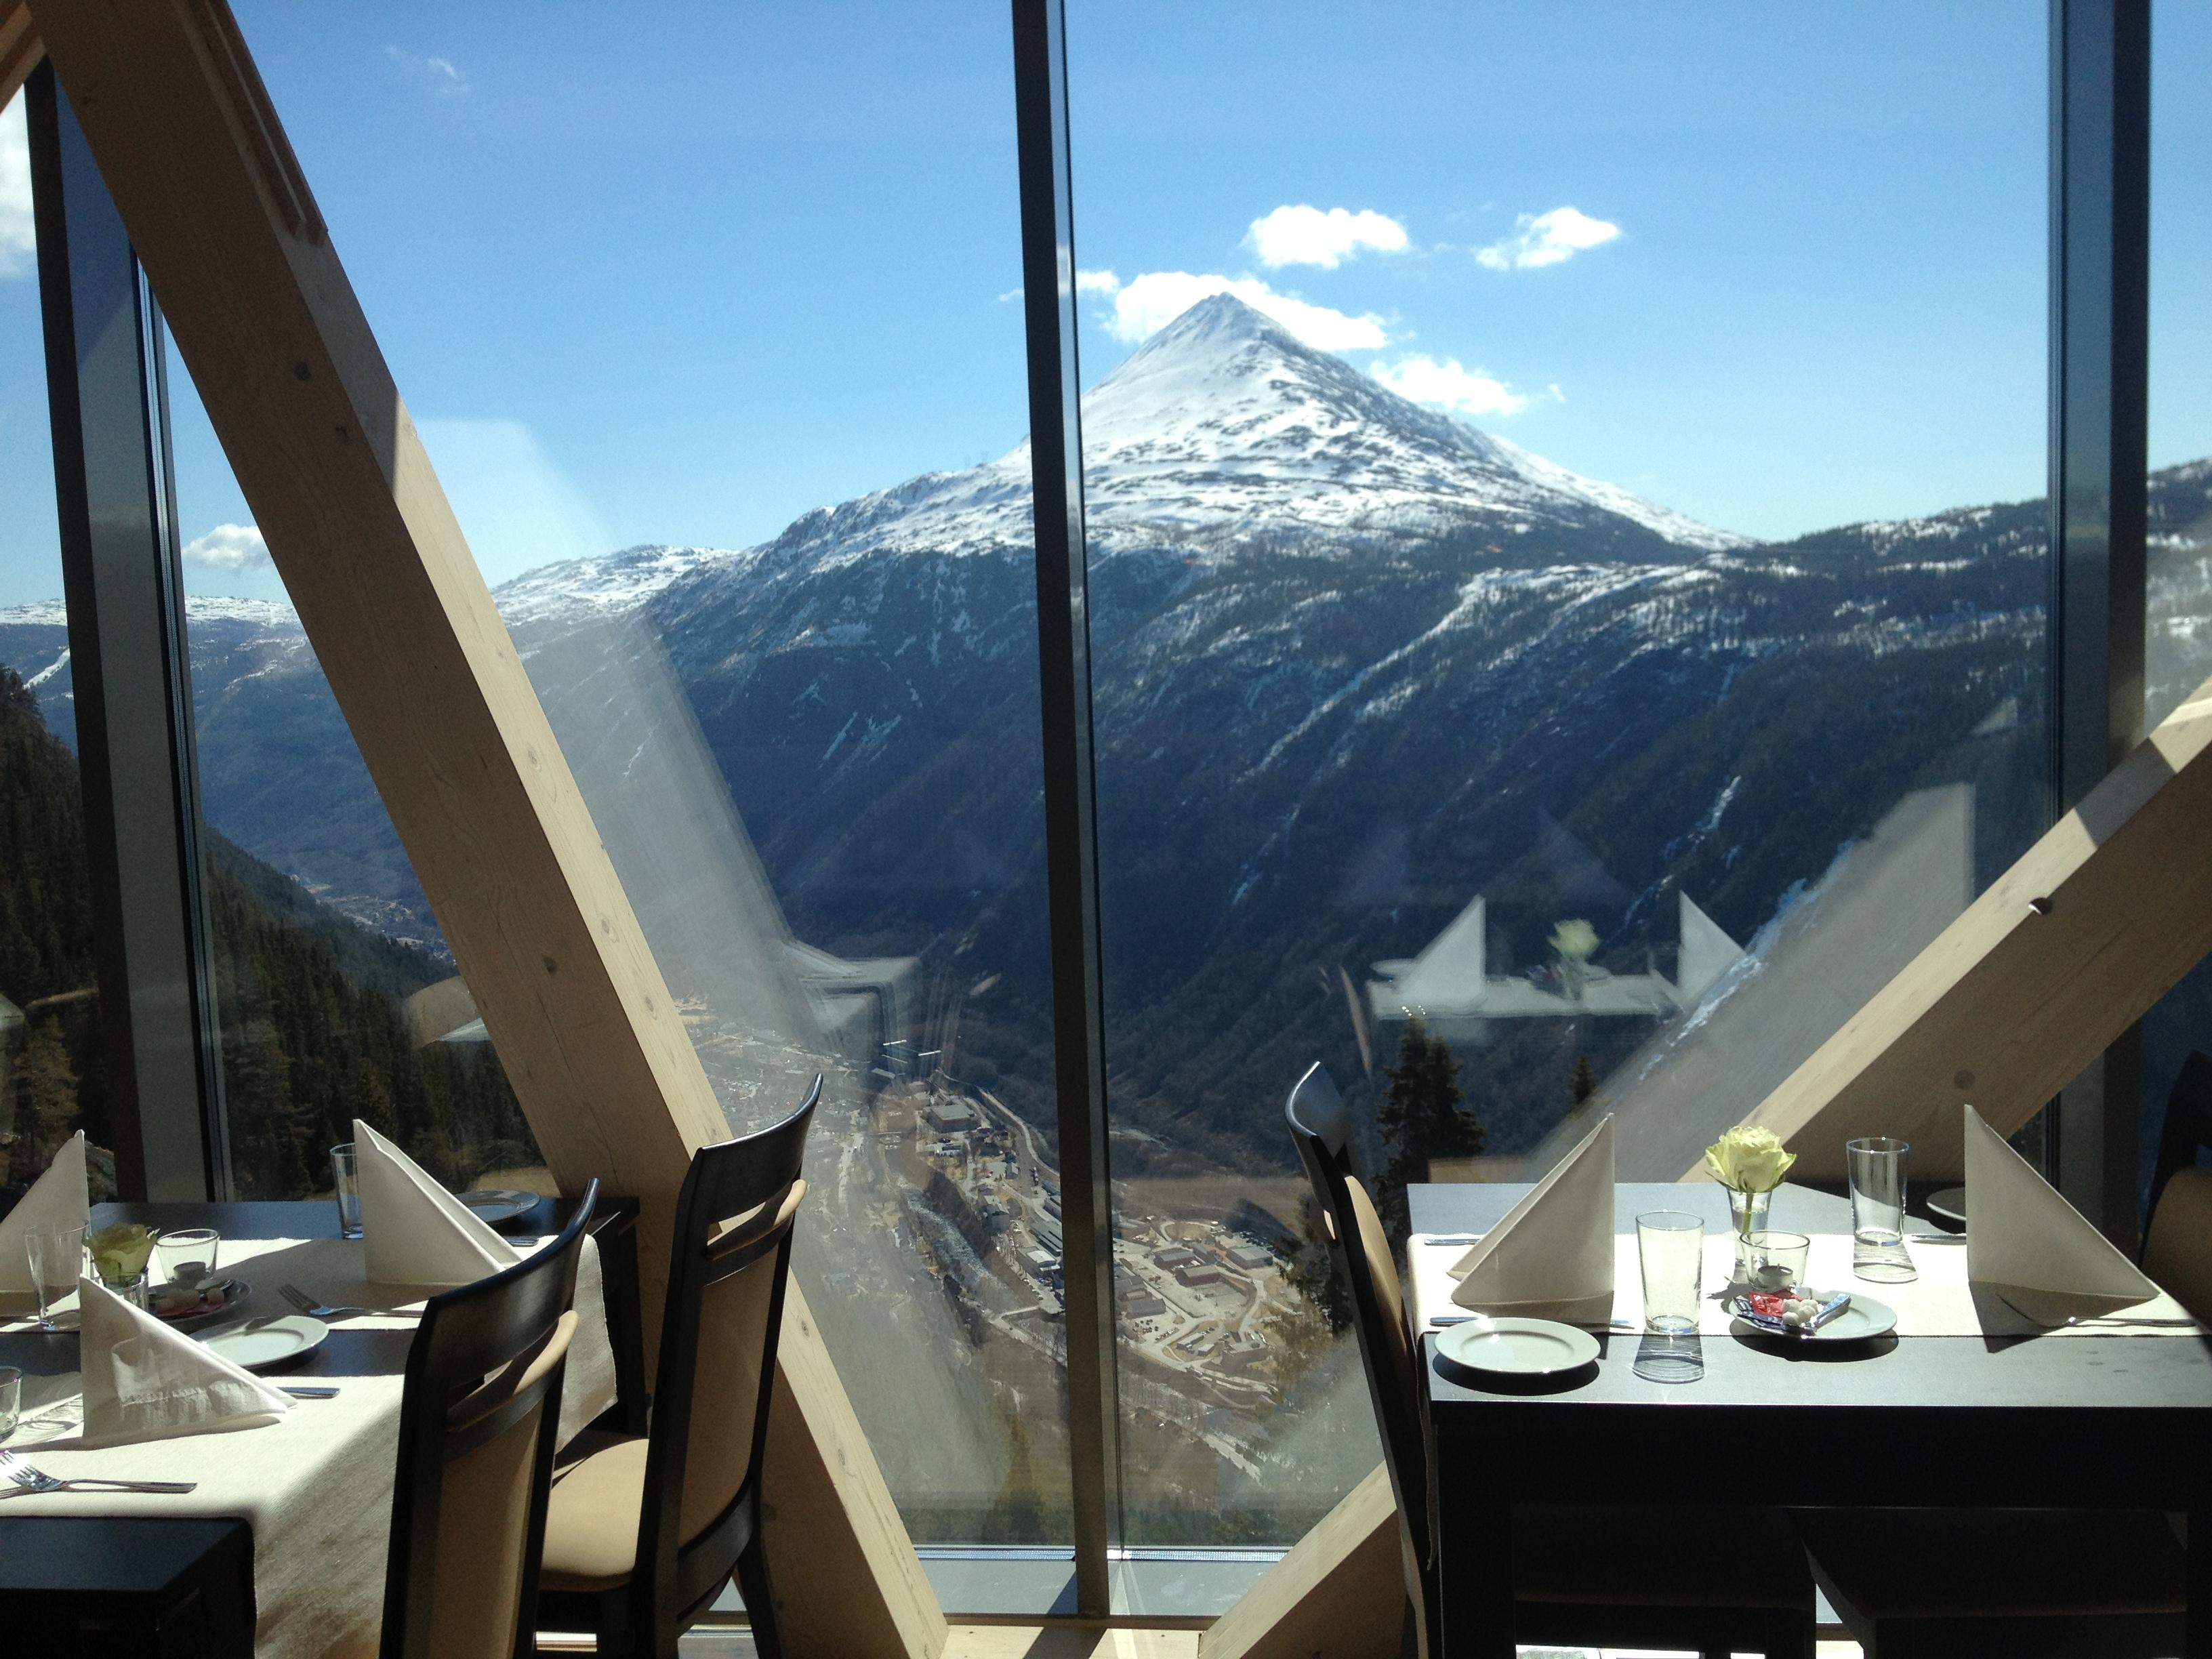 Gvepseborg Cafe & Restaurant er bygget på kanten av fjellet ved Krossobanens øvre stasjon. Nyt et bedre måltid til storslått utsikt over Rjukan! , © visitrjukan